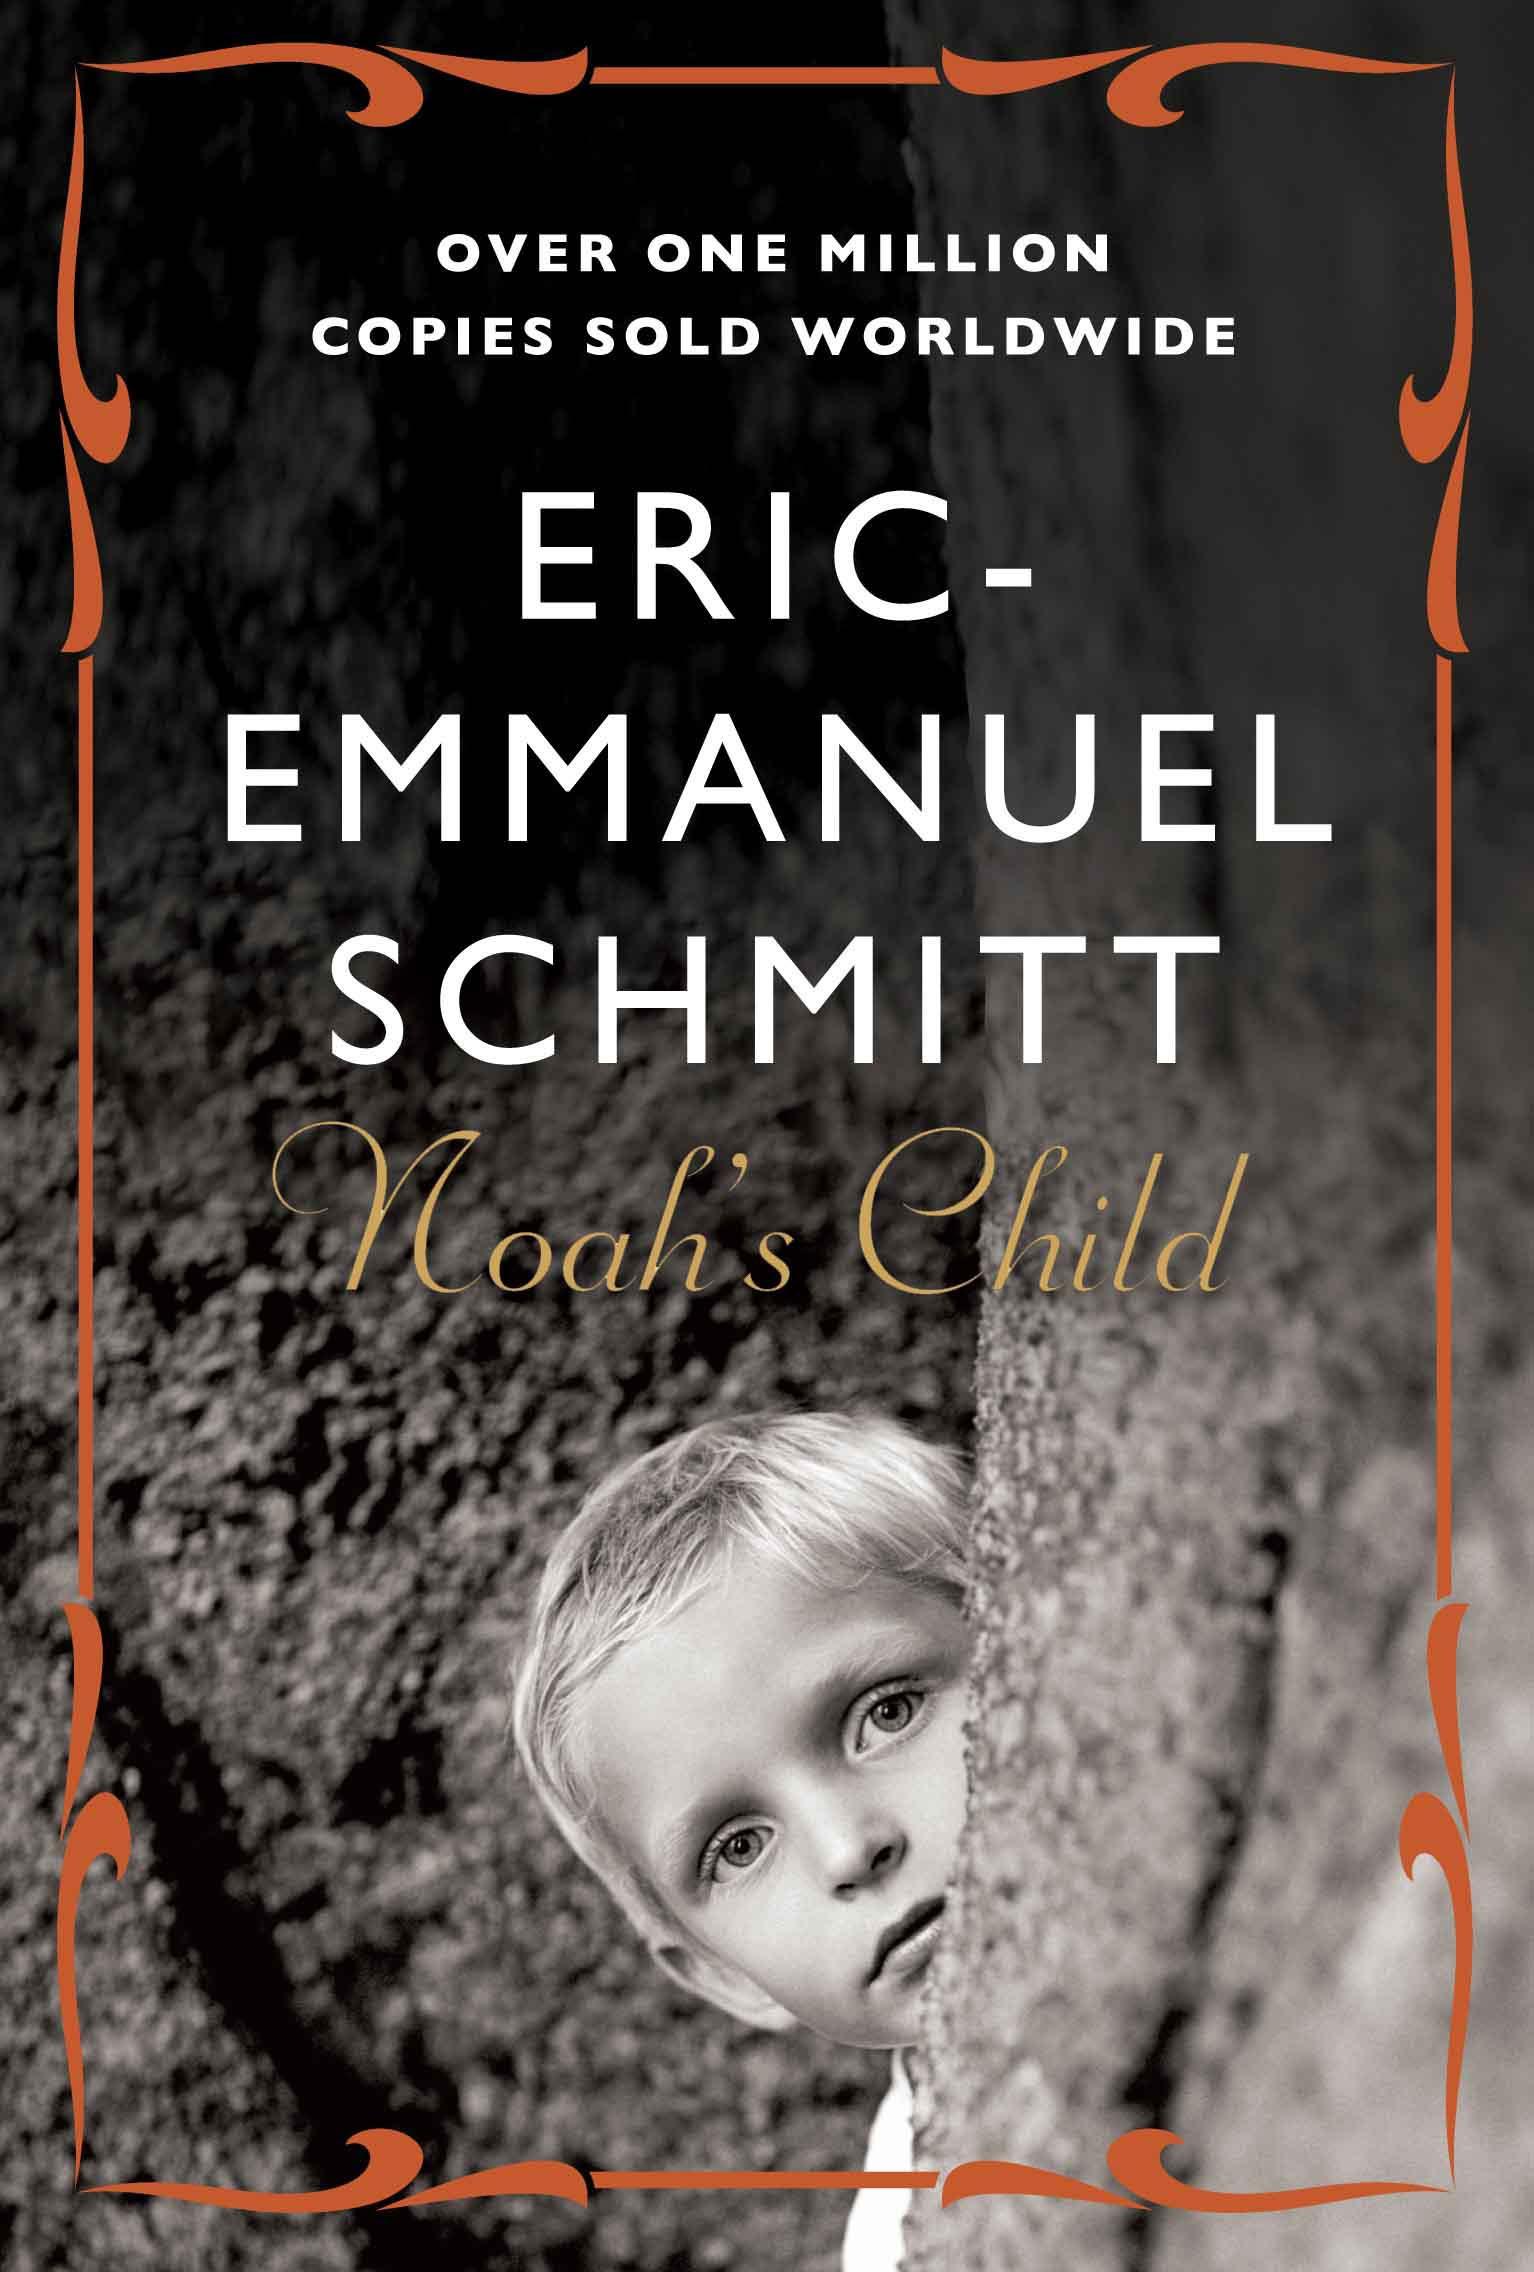 noah 39 s child eric emmanuel schmitt translated by. Black Bedroom Furniture Sets. Home Design Ideas